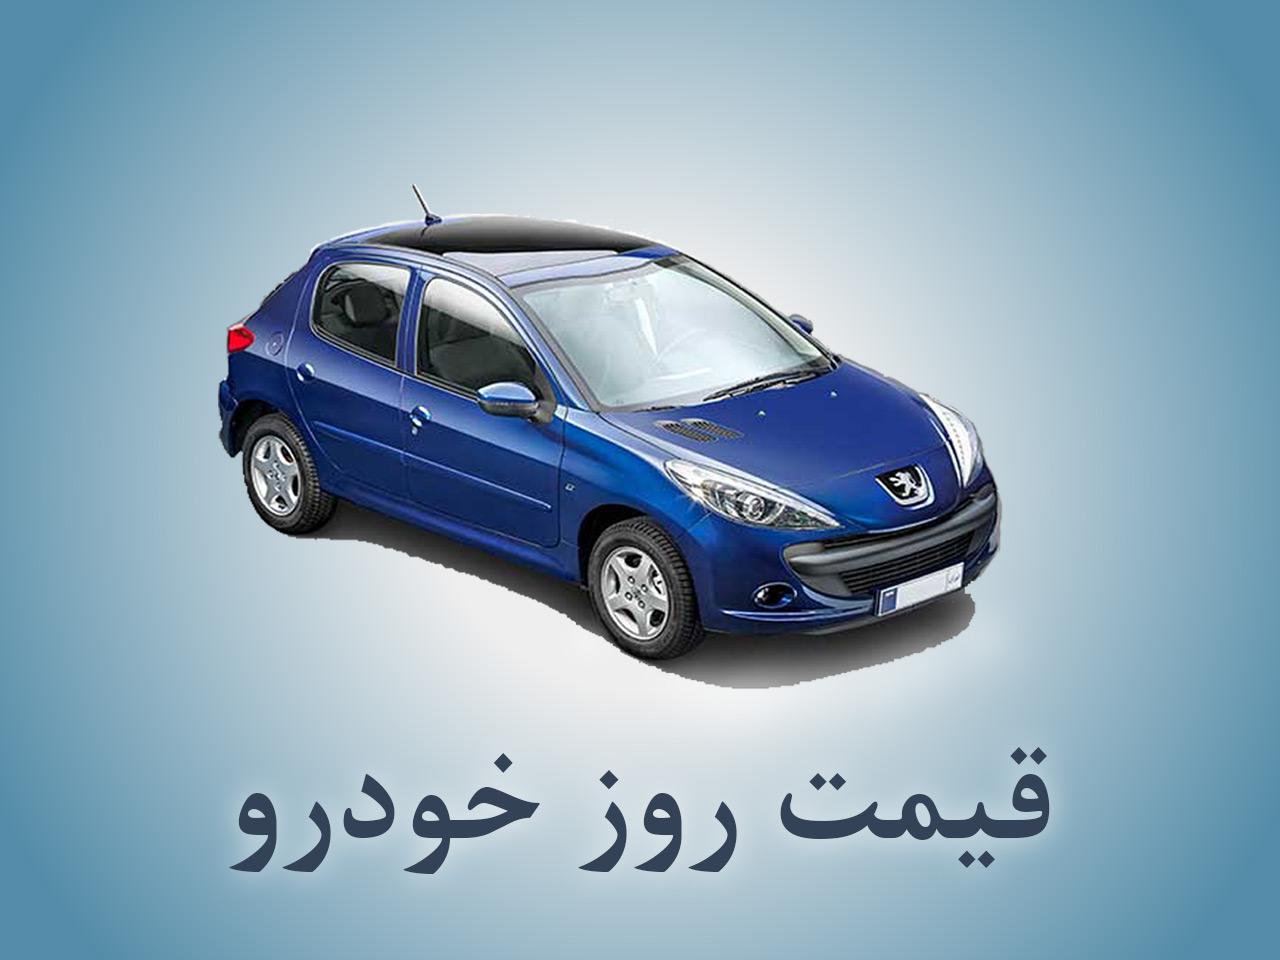 قیمت خودرو امروز آزادسازی واردات خودرو